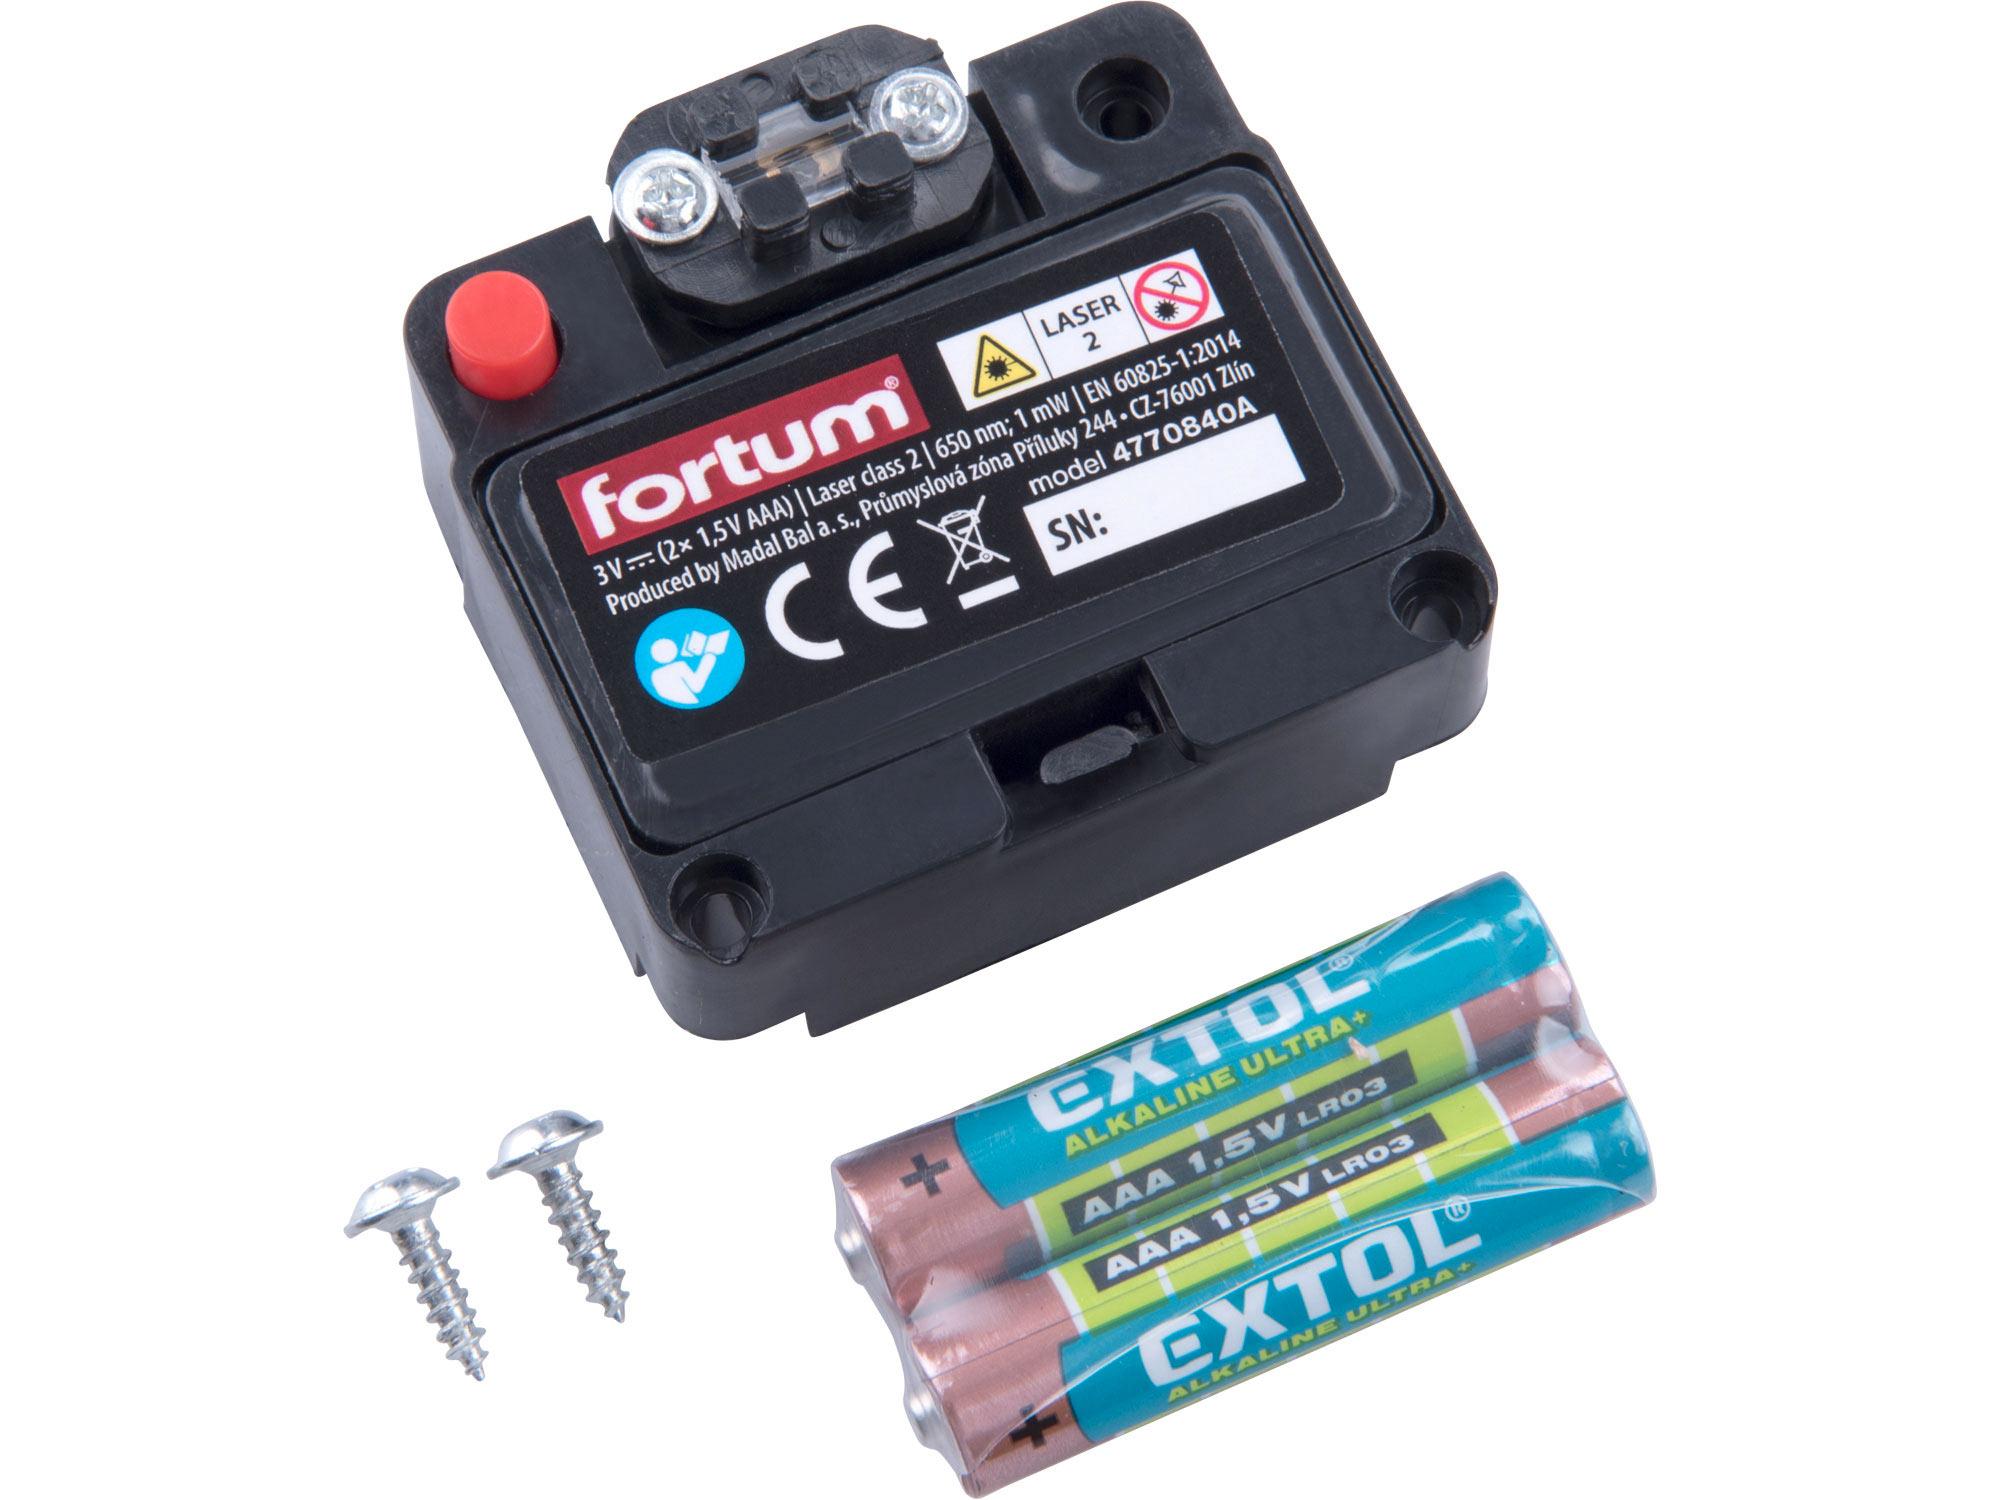 laser přídavný, k řezačkám 4770840/41/42